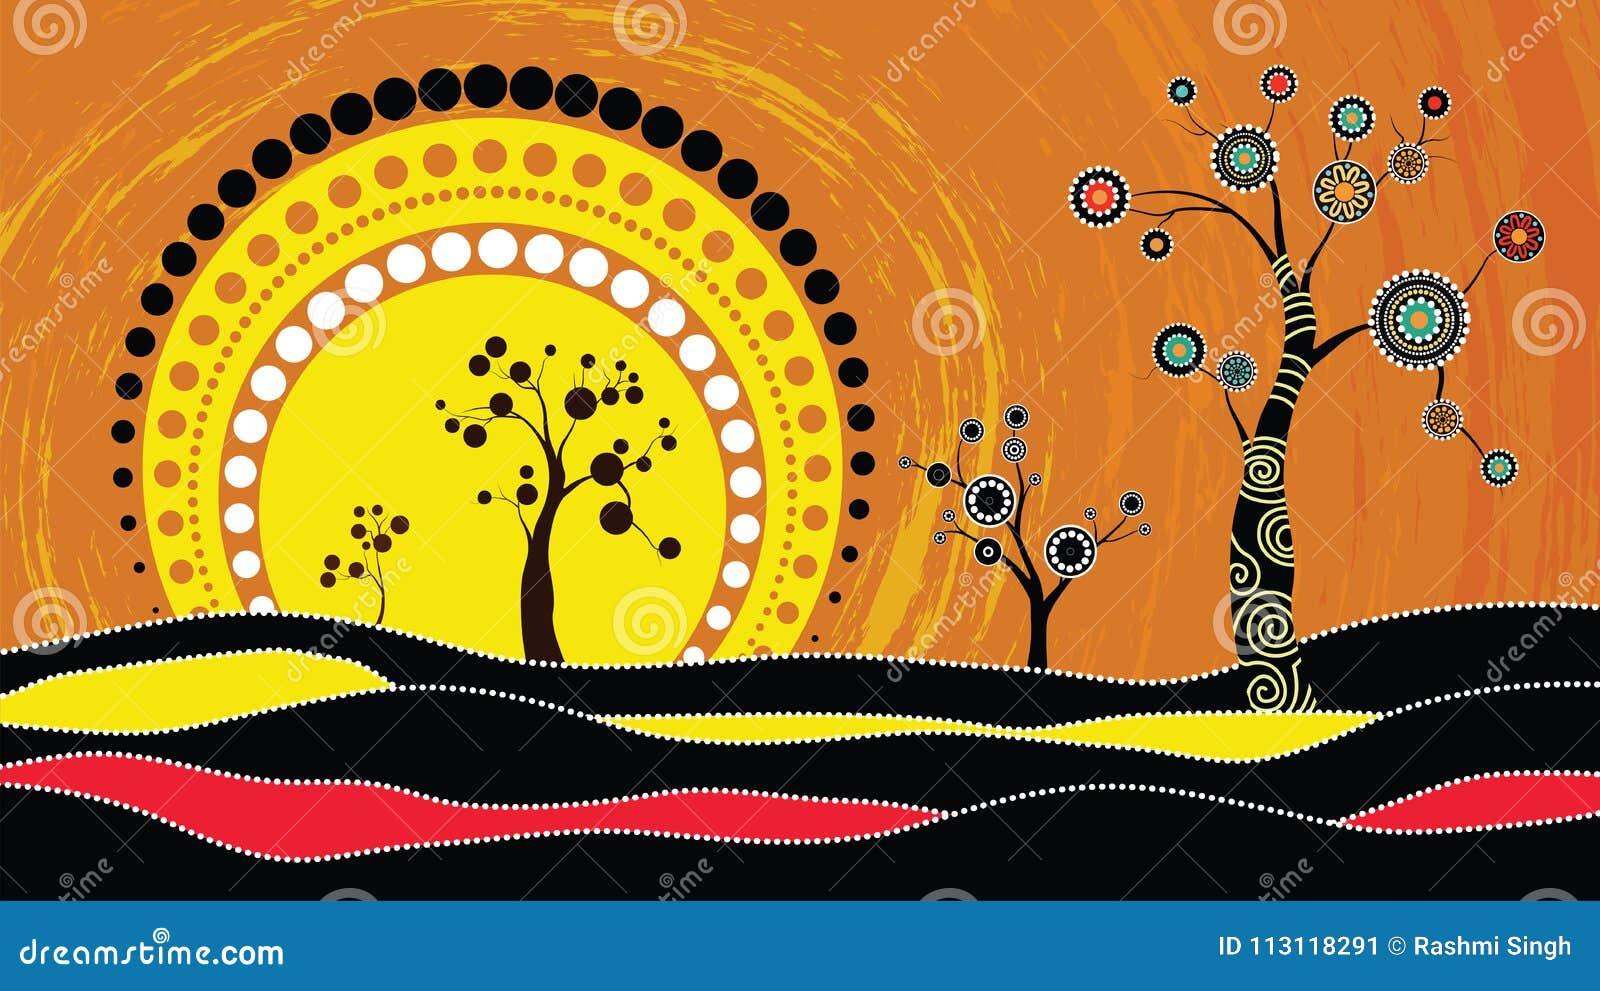 Drzewo na wzgórzu, Tubylczy drzewo, Tubylczej sztuki wektorowy obraz z drzewem i słońce, Ilustracja opierająca się na aborygenu s